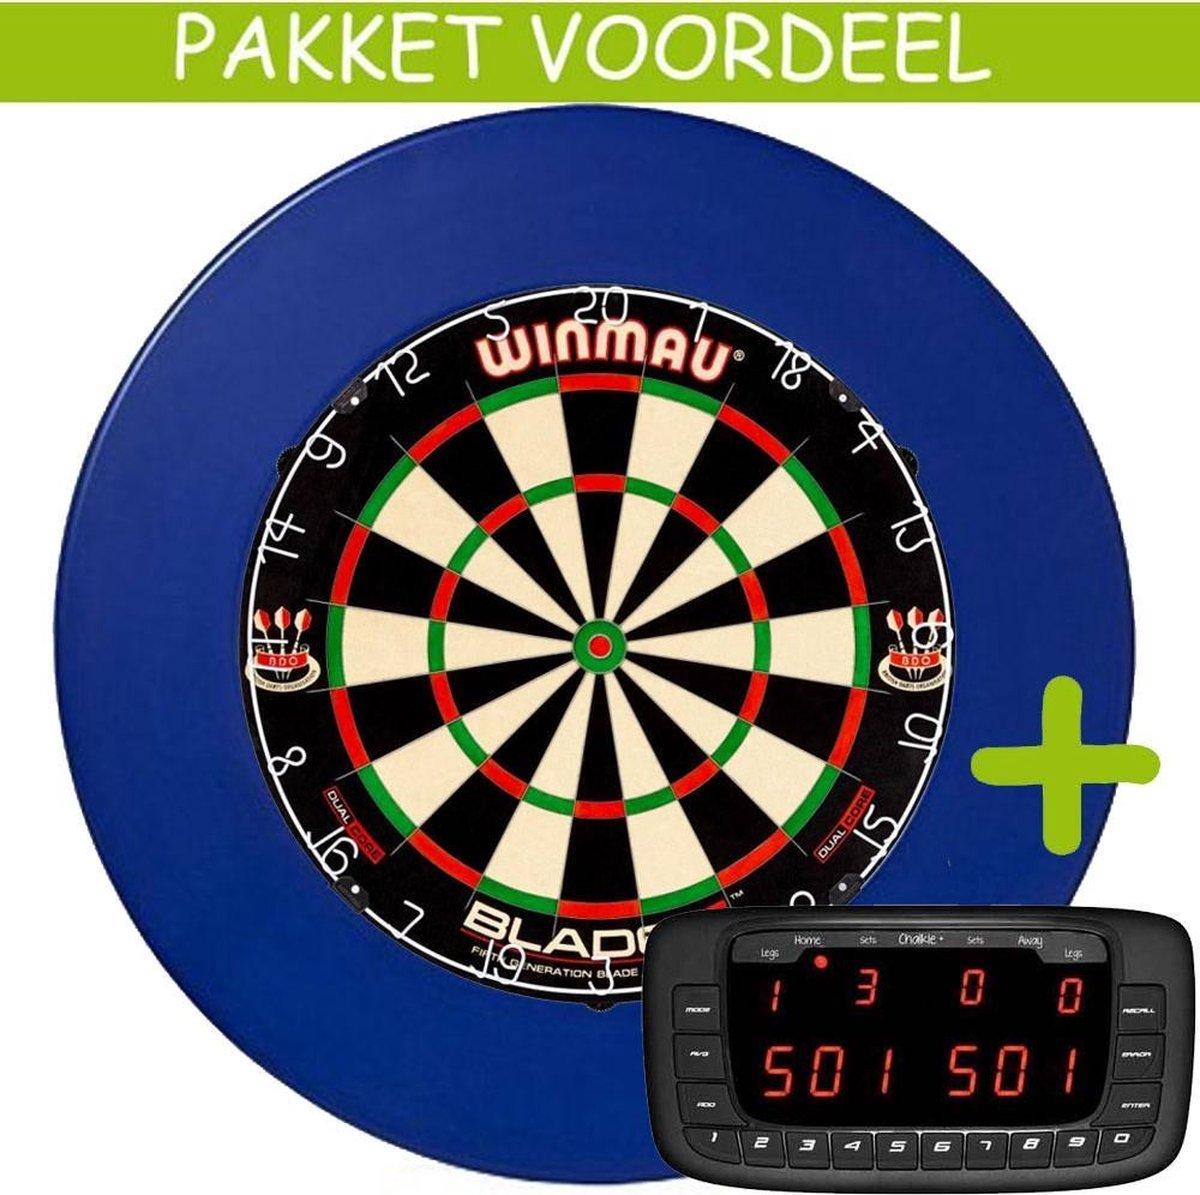 Elektronisch Dart Scorebord VoordeelPakket (Chalkie + ) - Dual Core - Rubberen Surround (Blauw)